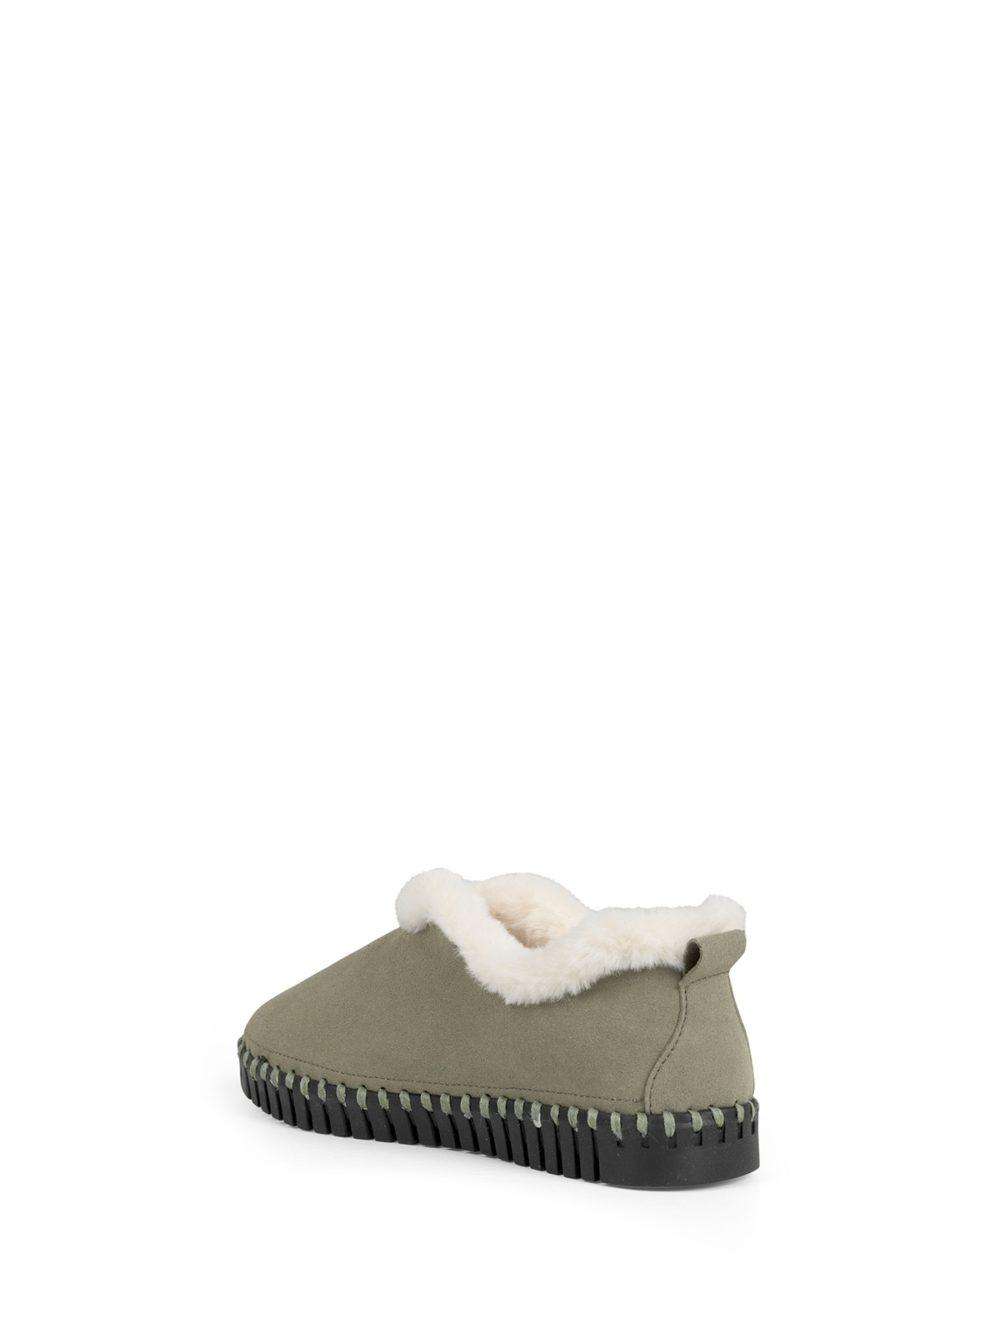 Home Slippers Ilse Jacobsen Women's Clothing